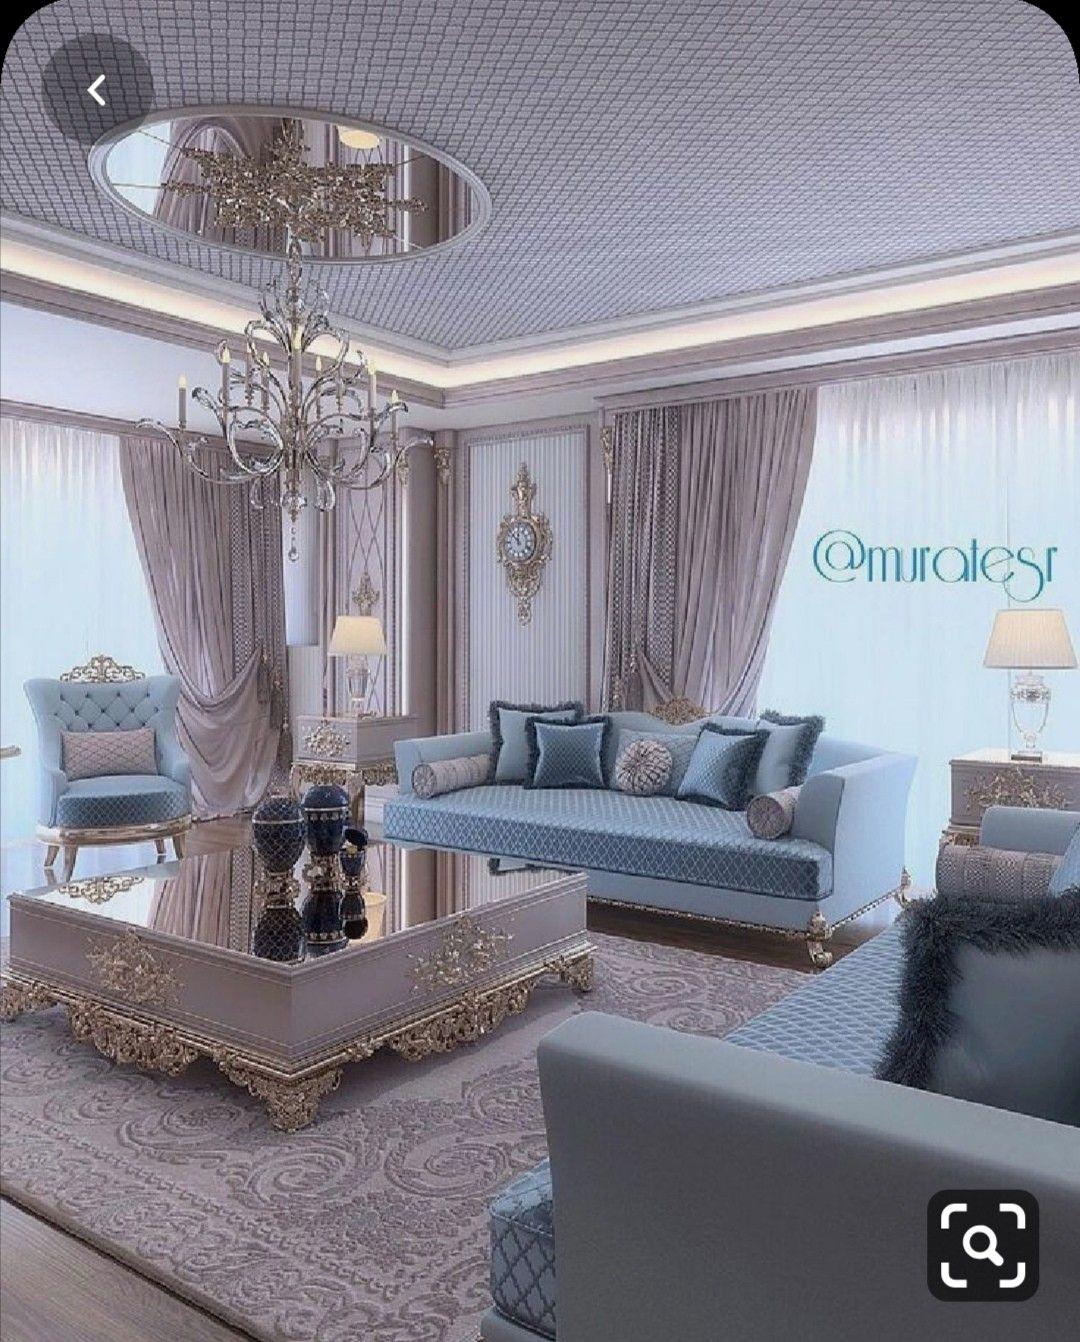 Mehak Fatima Adli Kullanicinin Things To Find Panosundaki Pin Luks Oturma Odalari Luks Evler Oturma Odasi Dekorasyonu